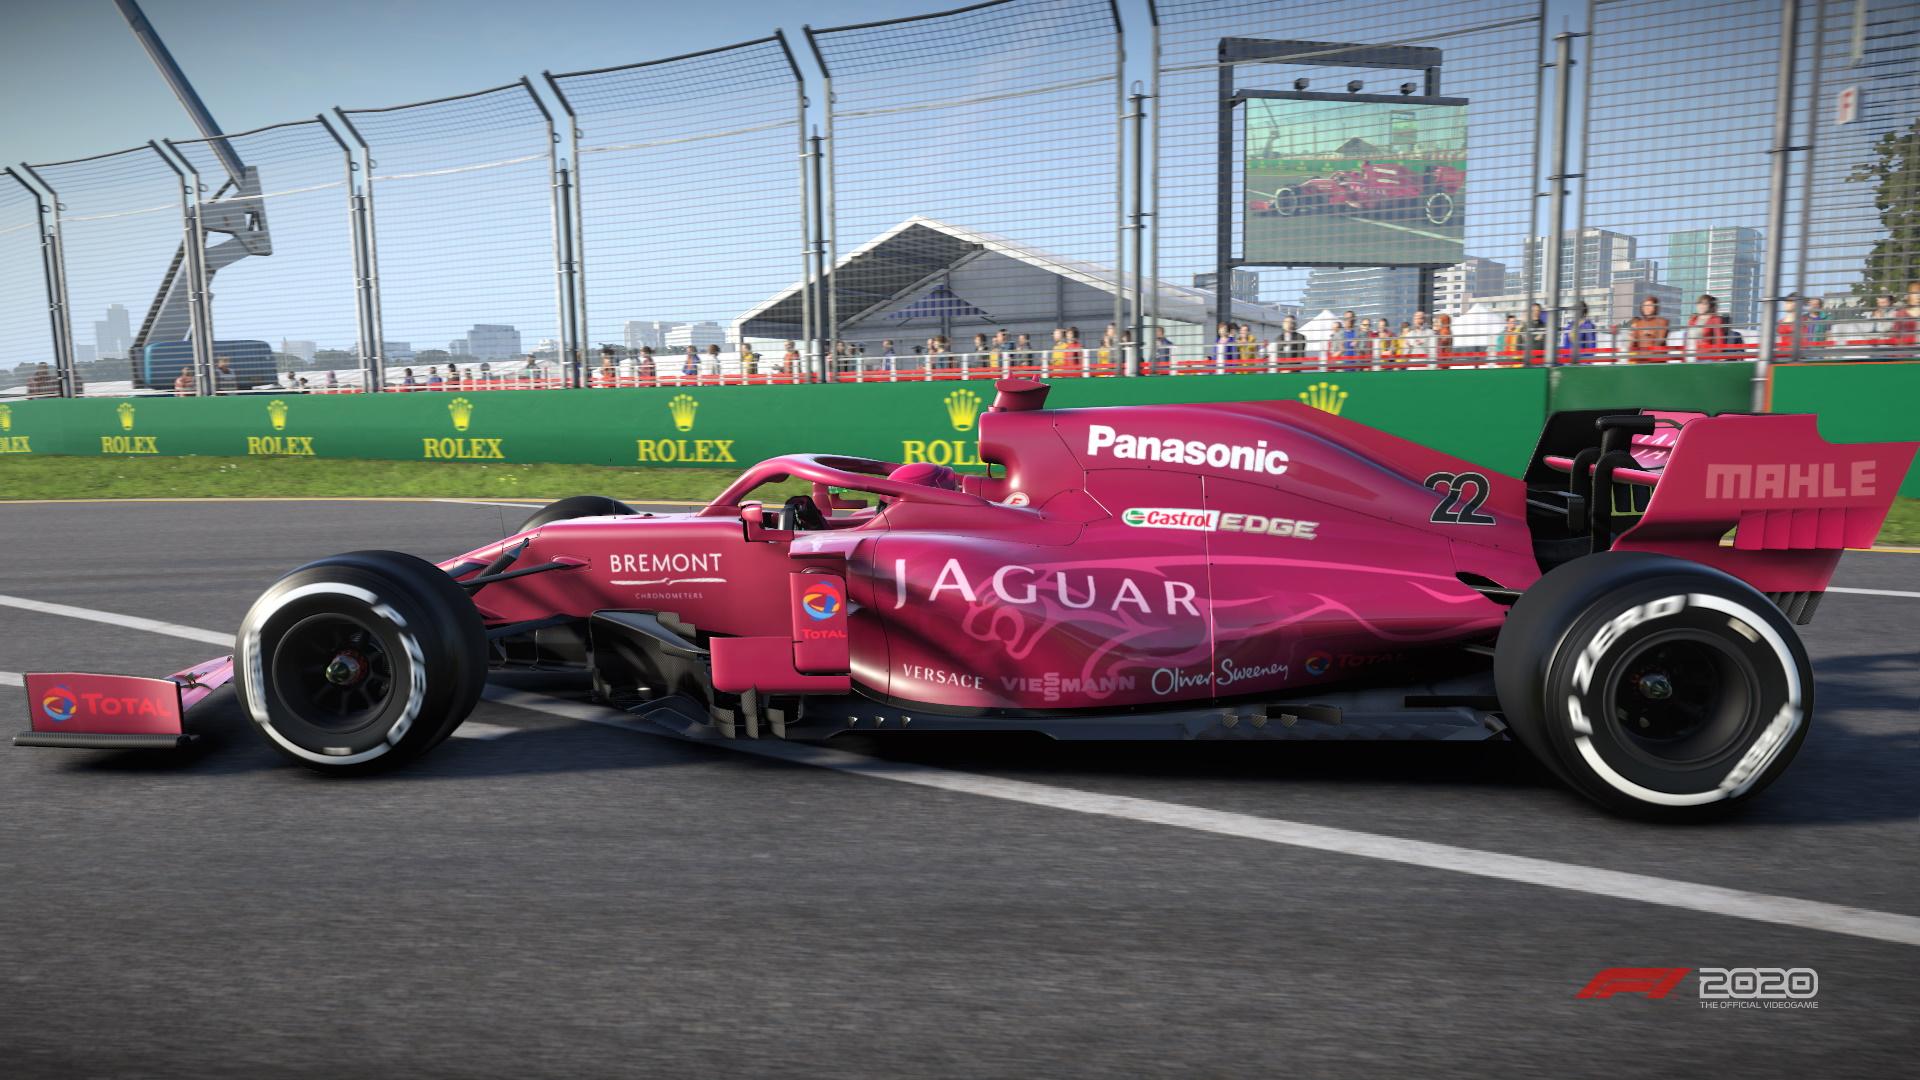 F1 2020 - DX12 Screenshot 2020.10.17 - 13.06.27.32.jpg